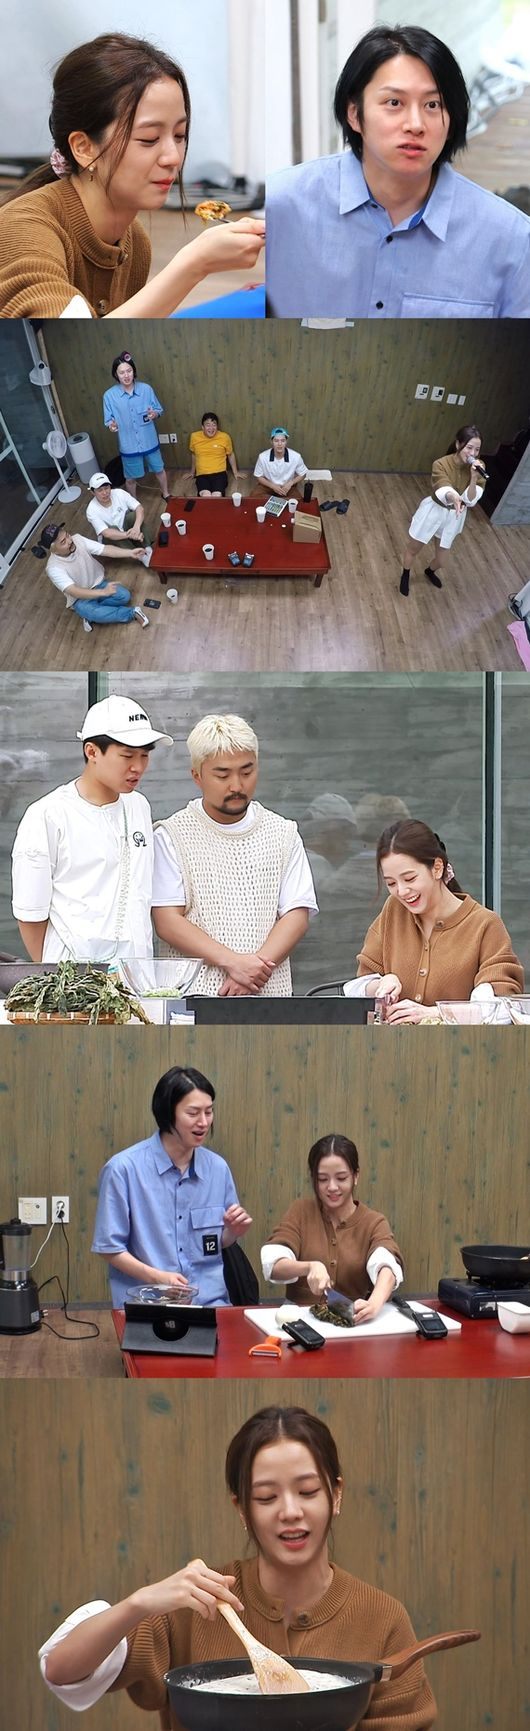 맛남의 광장 블랙핑크 지수, 김희철도 당황한 요리 똥손 폭소 [Oh!쎈 예고]